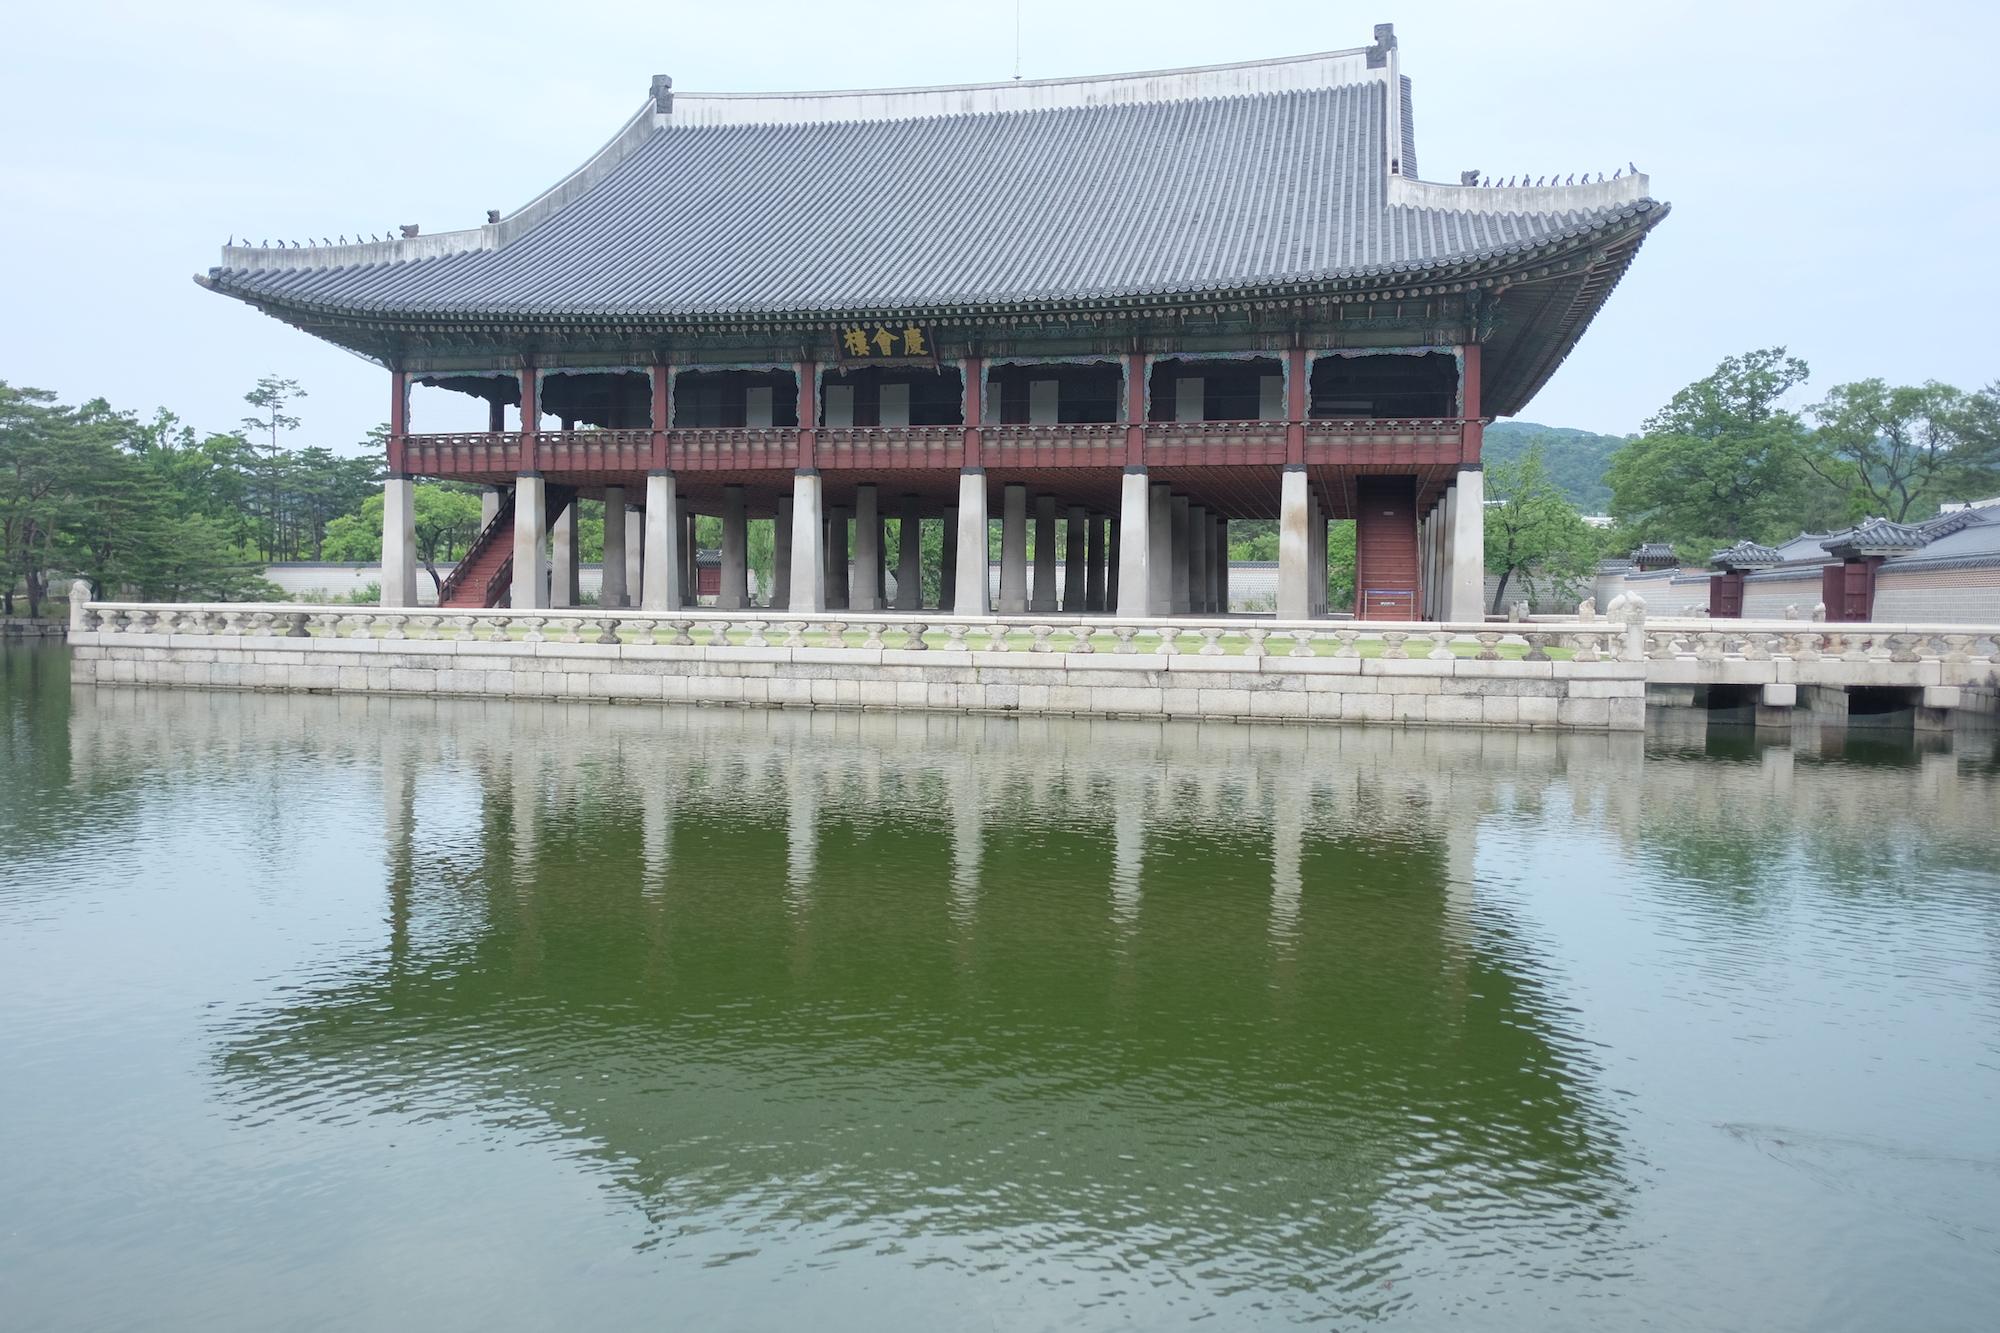 Coreeseoul00072